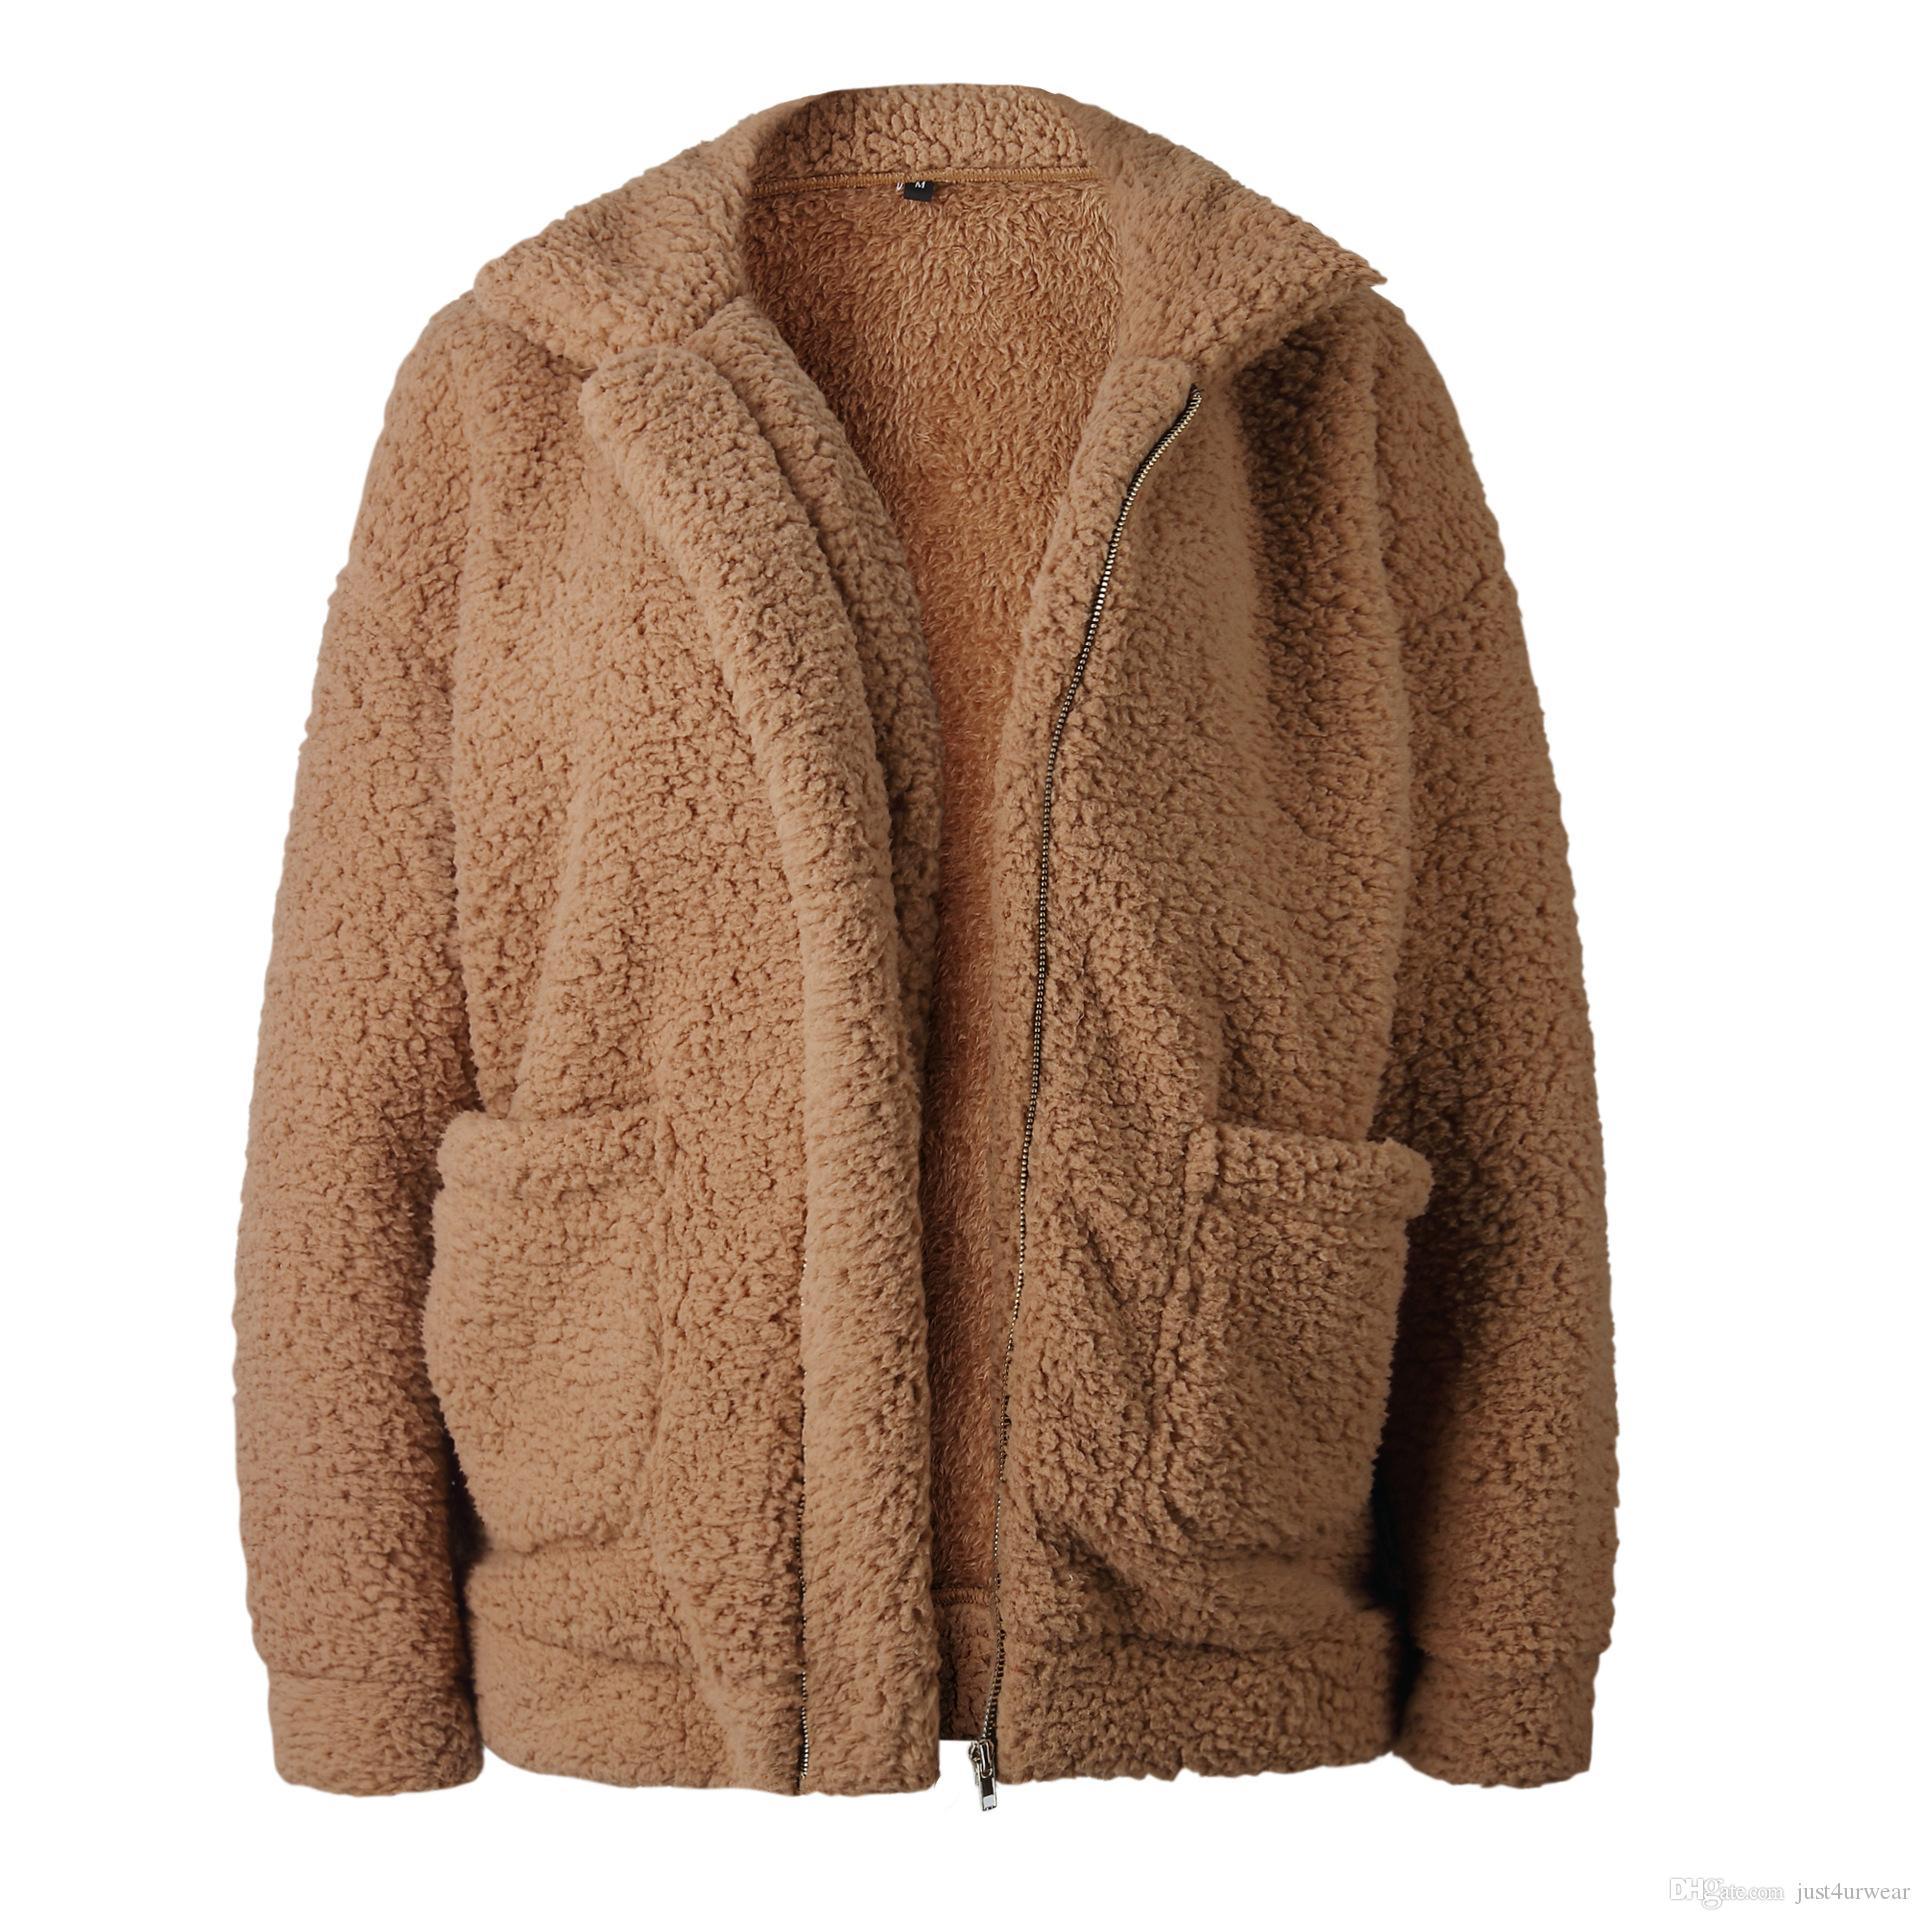 Womens Casacos de inverno Cordeiro macio Casacos Quente Tops cor sólida Com o Pocket Coats Mulher Moda Casual Coats lapela Neck 9 cores